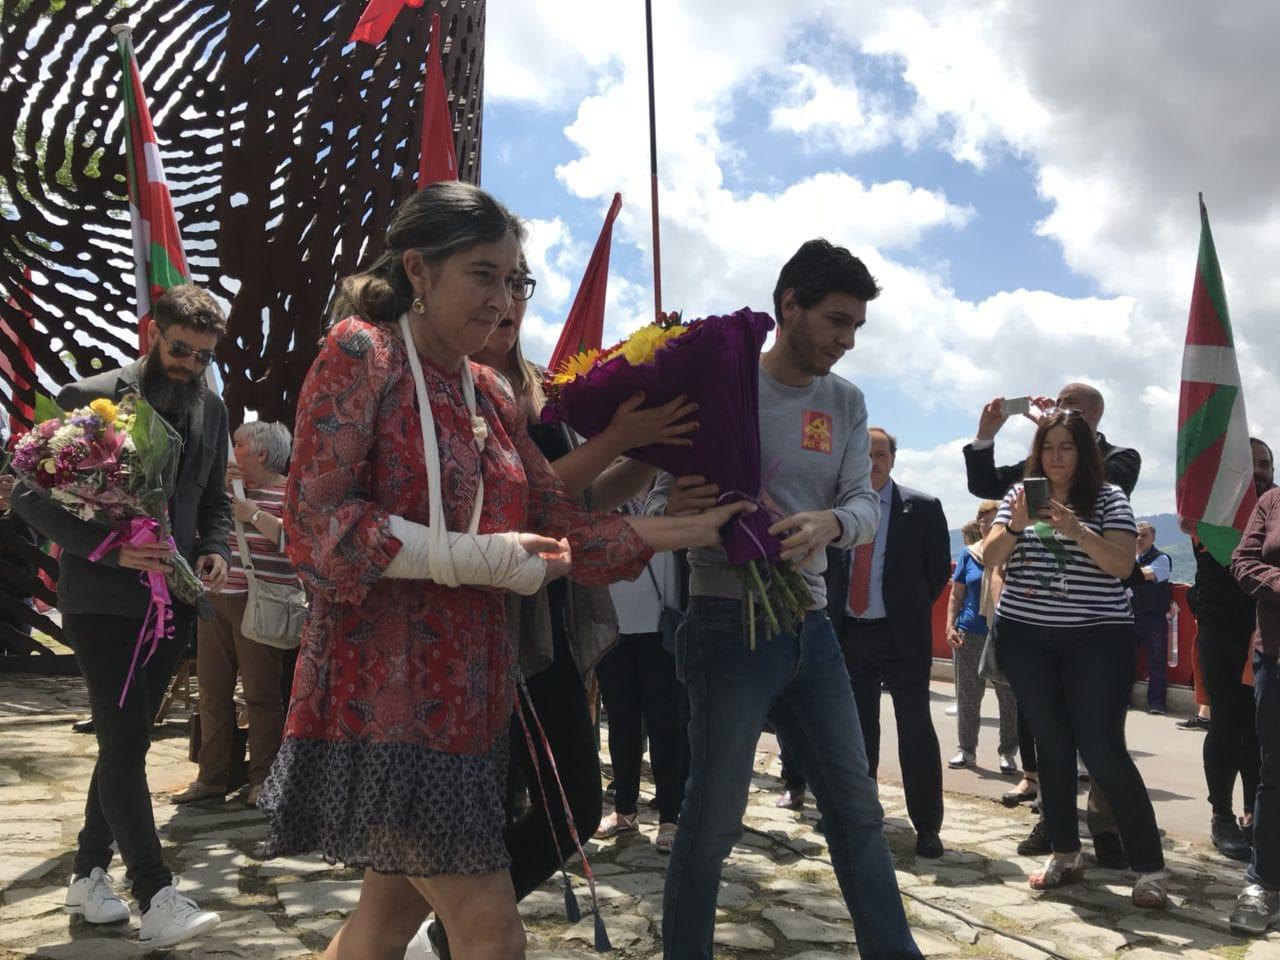 """Homenaje a los gudaris, milicianos y mujeres de la Guerra Civil ante la escultura """"Aterpe 1936 (La Huella)"""" de Artxanda."""